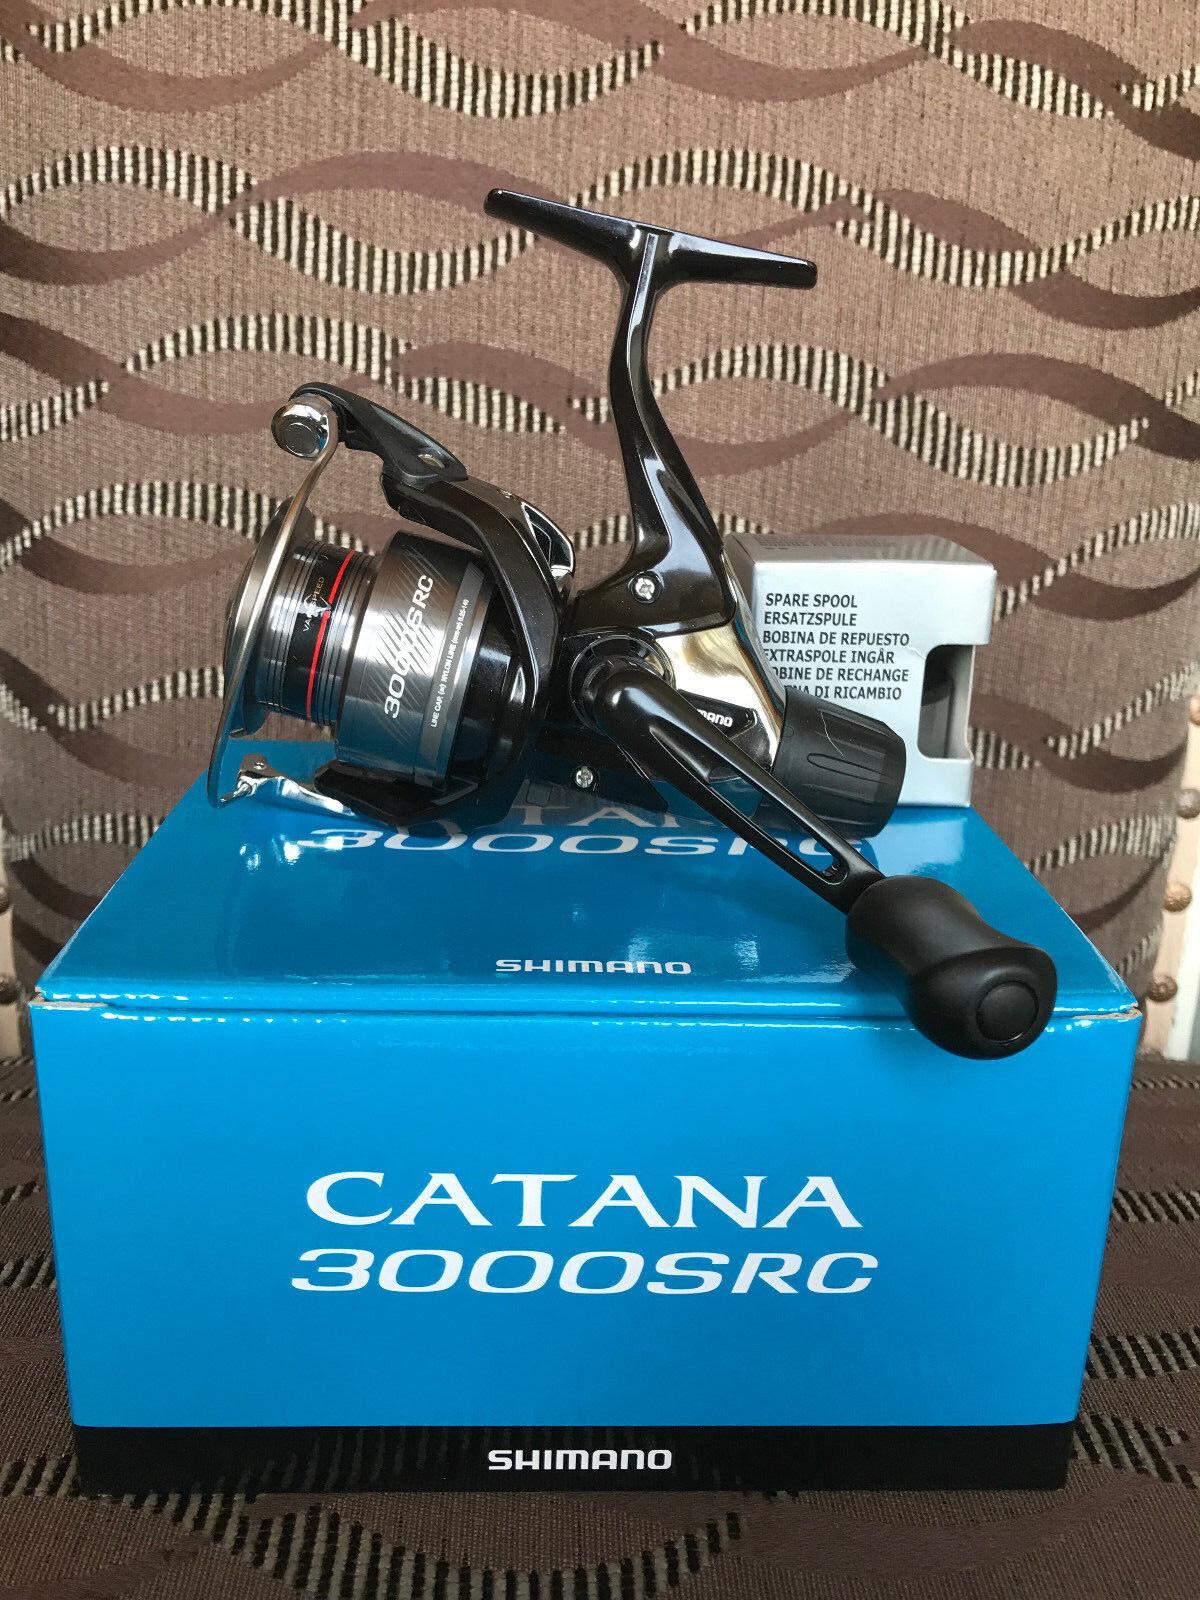 Shimano Catana 3000 3000 Catana SRC spinnrolle 2adbad